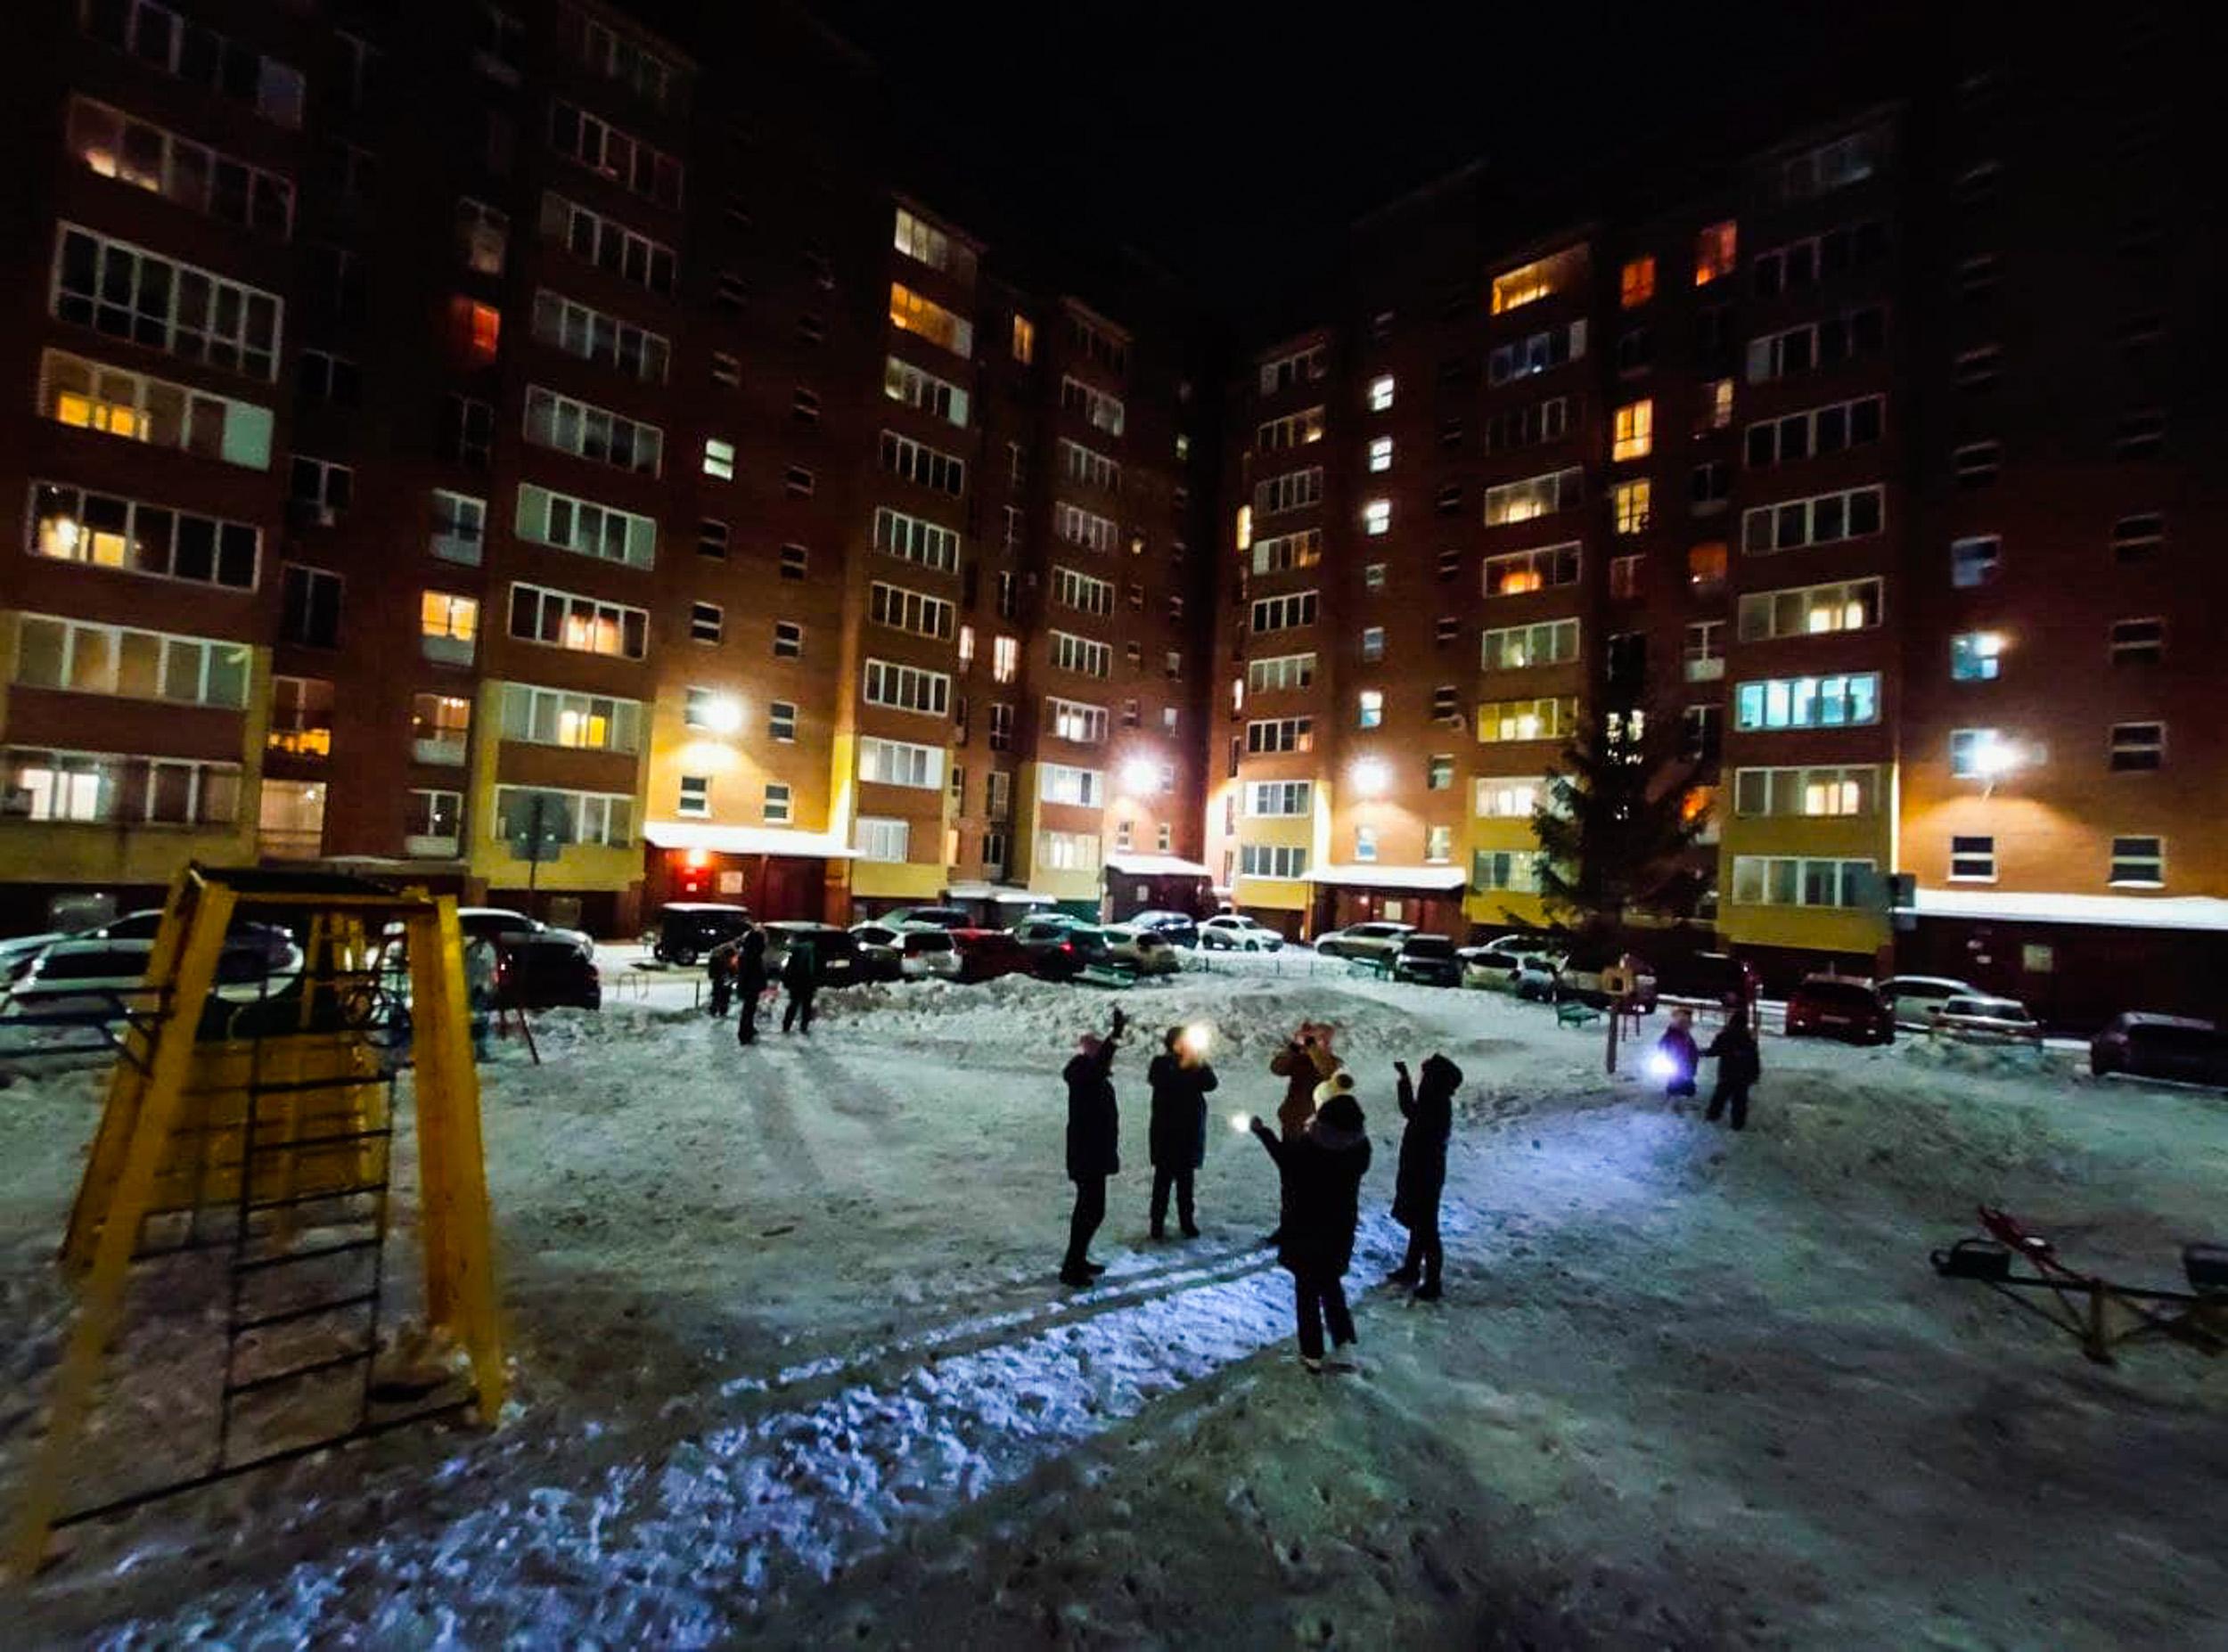 Постепенно в некоторых дворах начали собираться группы людей с фонариками. «Сейчас нас за фонарики скрутят в автозаки и из школы исключат», — говорили со смехом